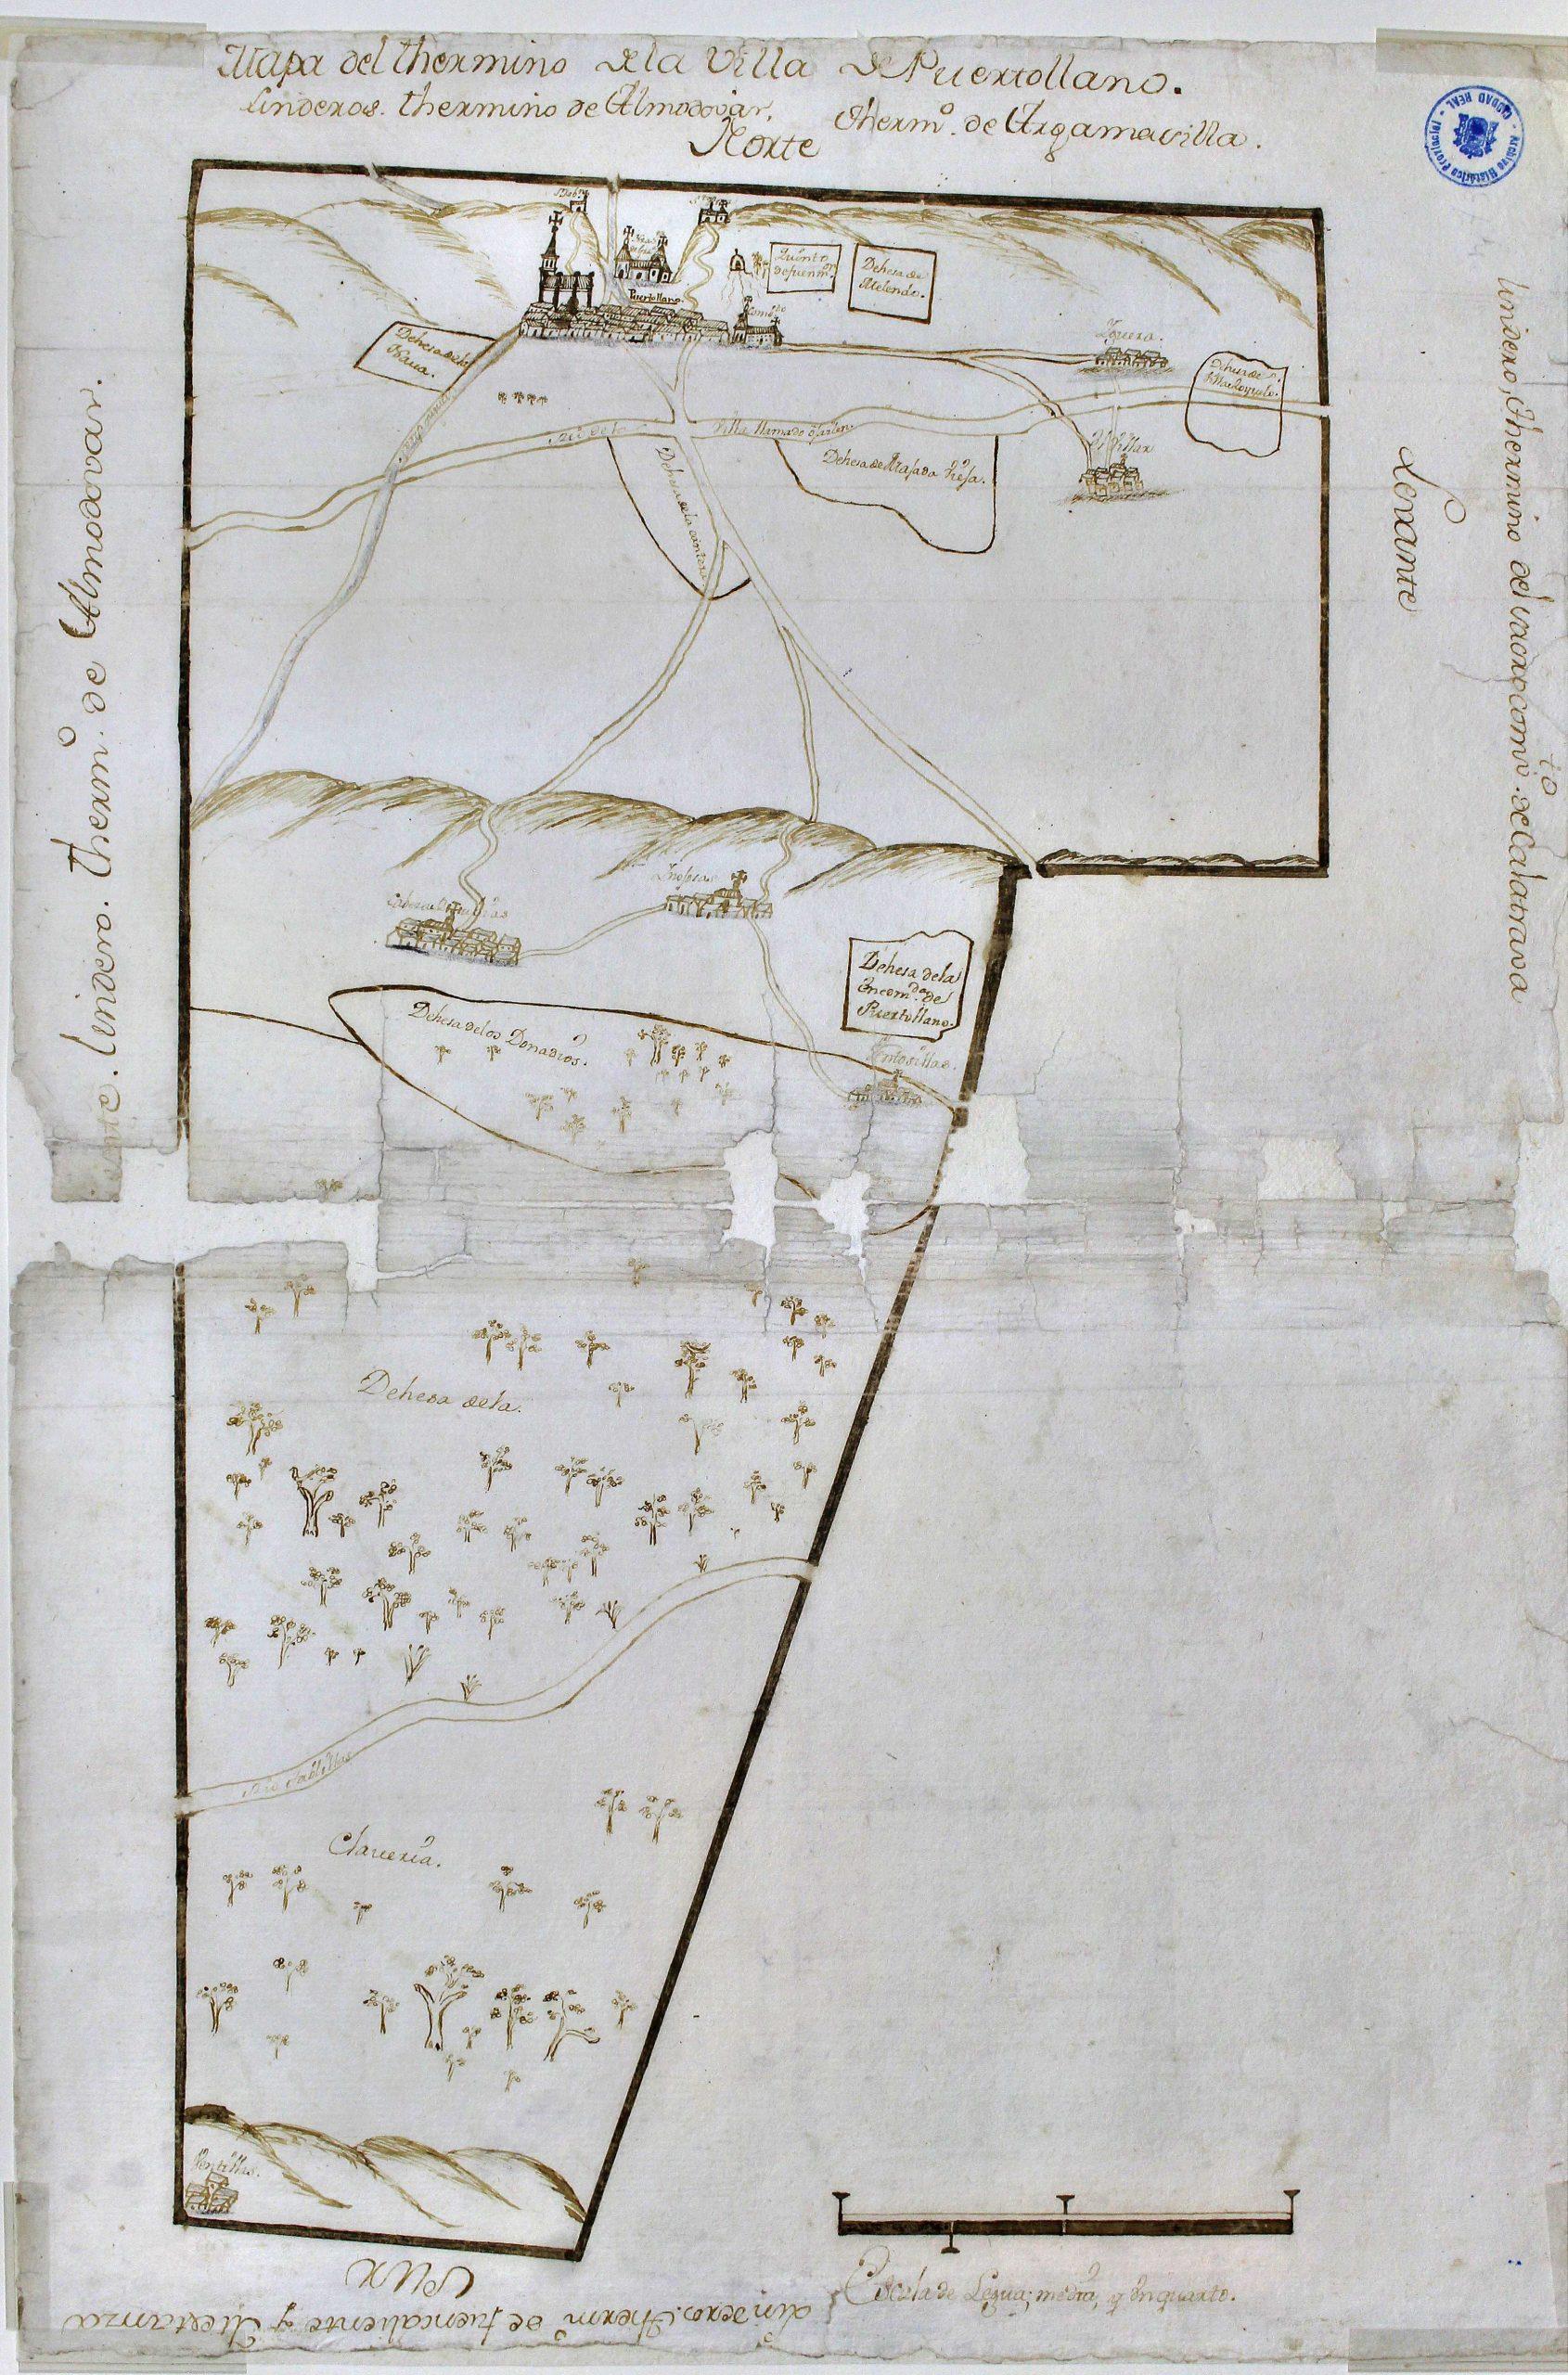 Primer mapa conocido de Puertollano